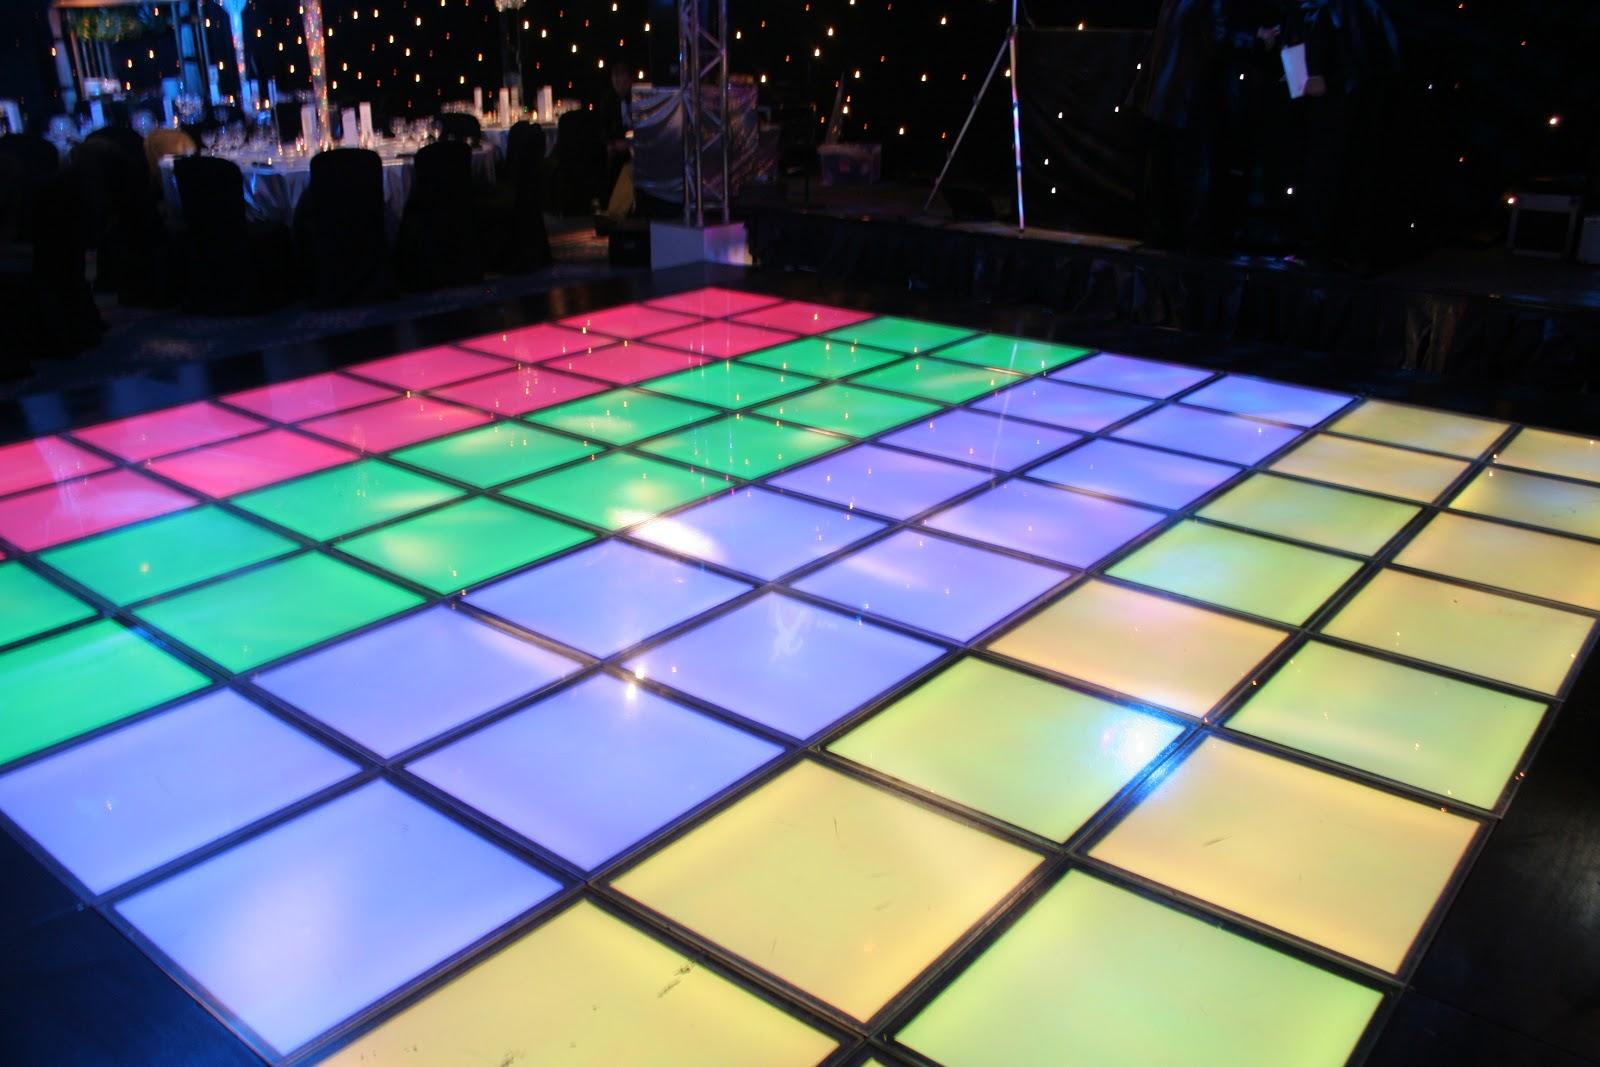 Veit talks how to empty the dancefloor for 12 by 12 dance floor